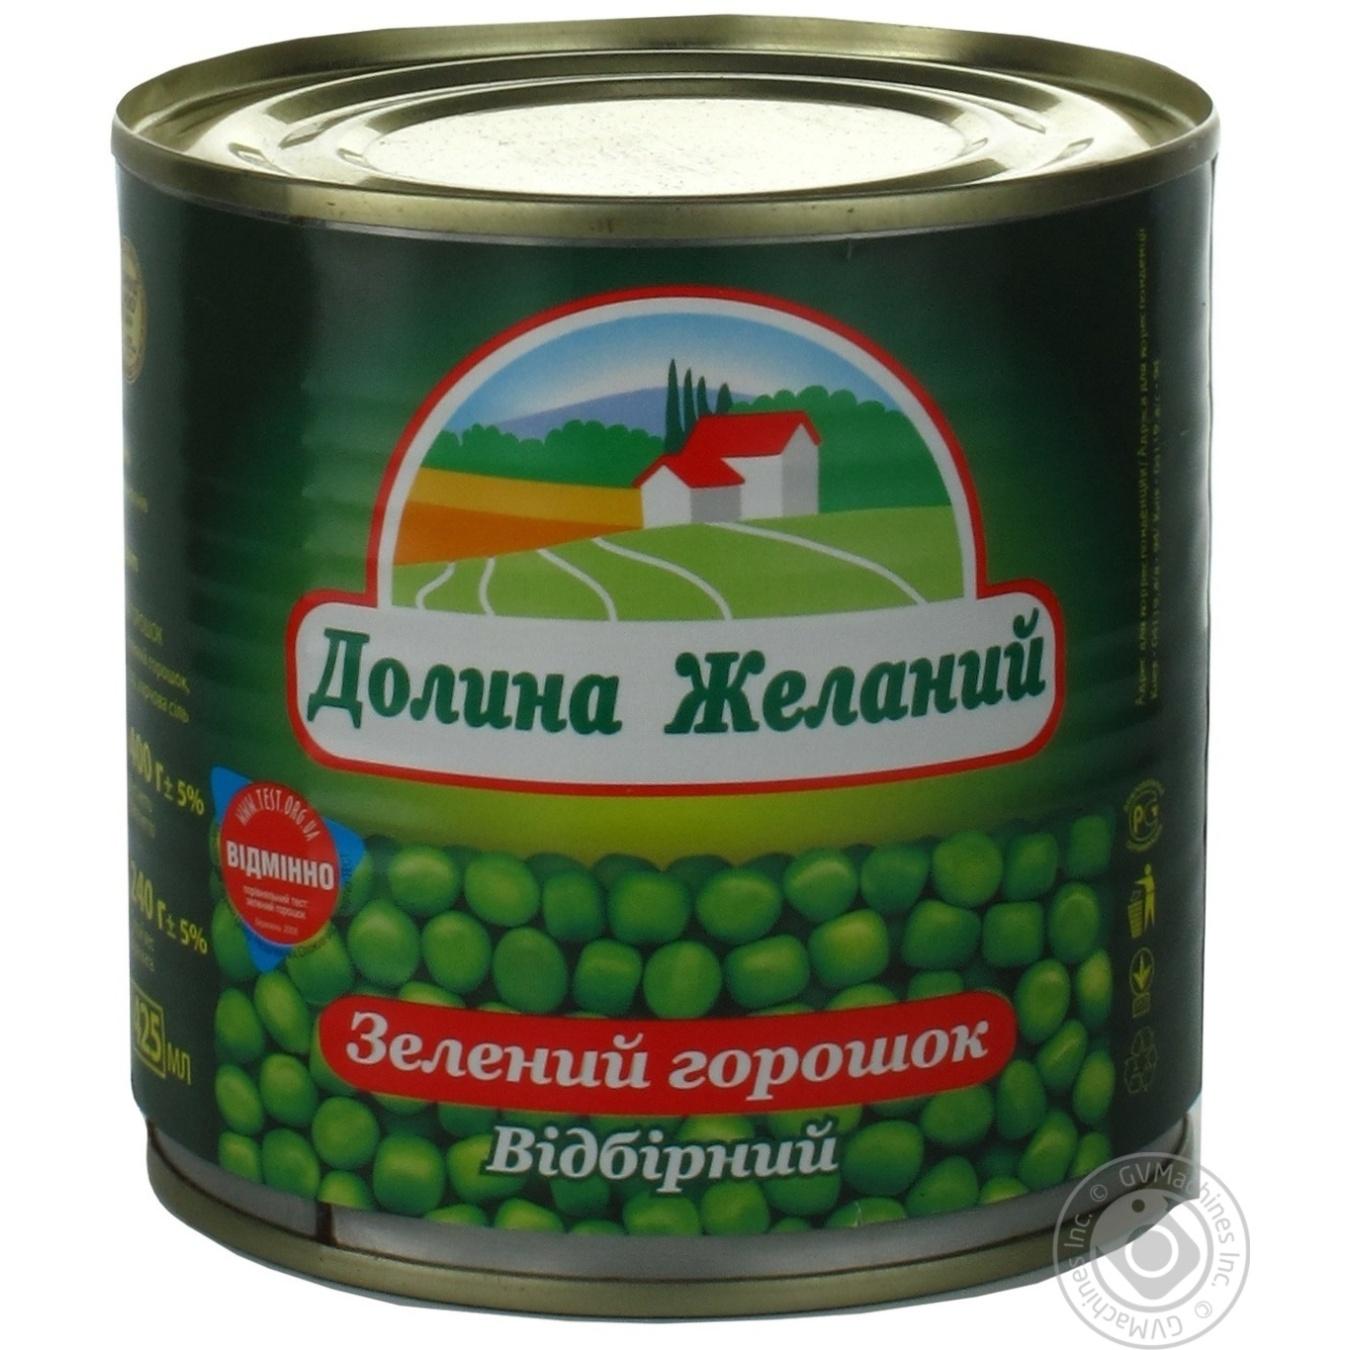 ДЖ ГОРОШОК ЗЕЛЕНИЙ 425МЛ